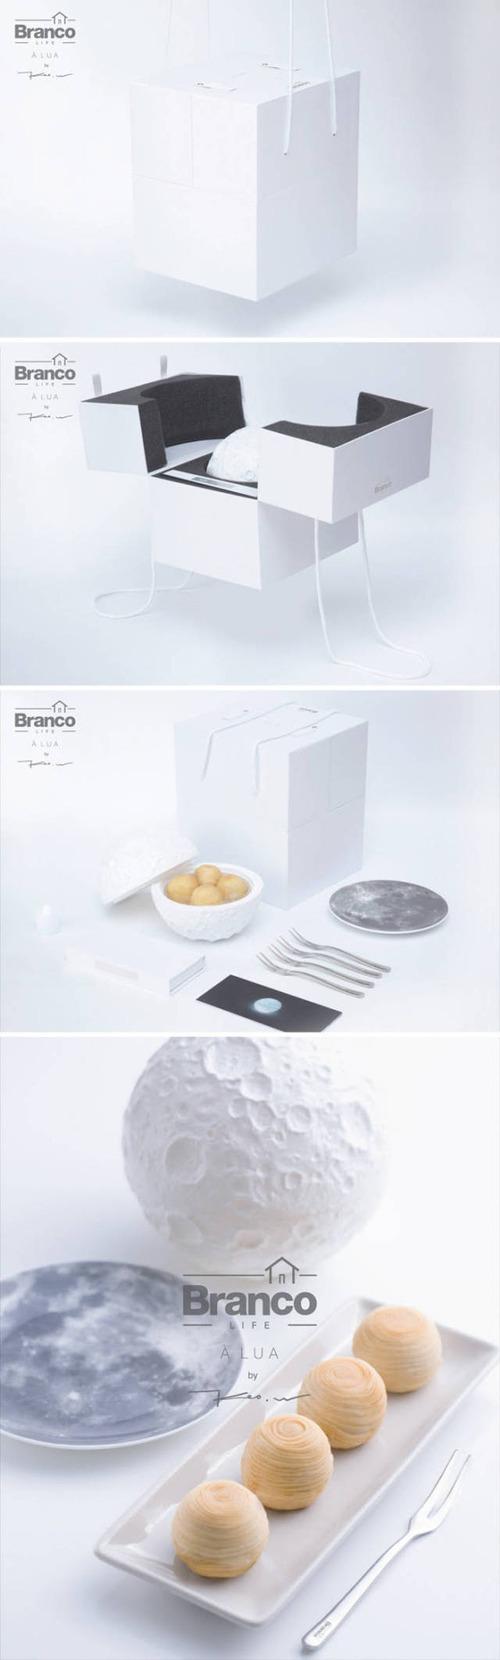 食べ物のパッケージのデザインの画像(34枚目)